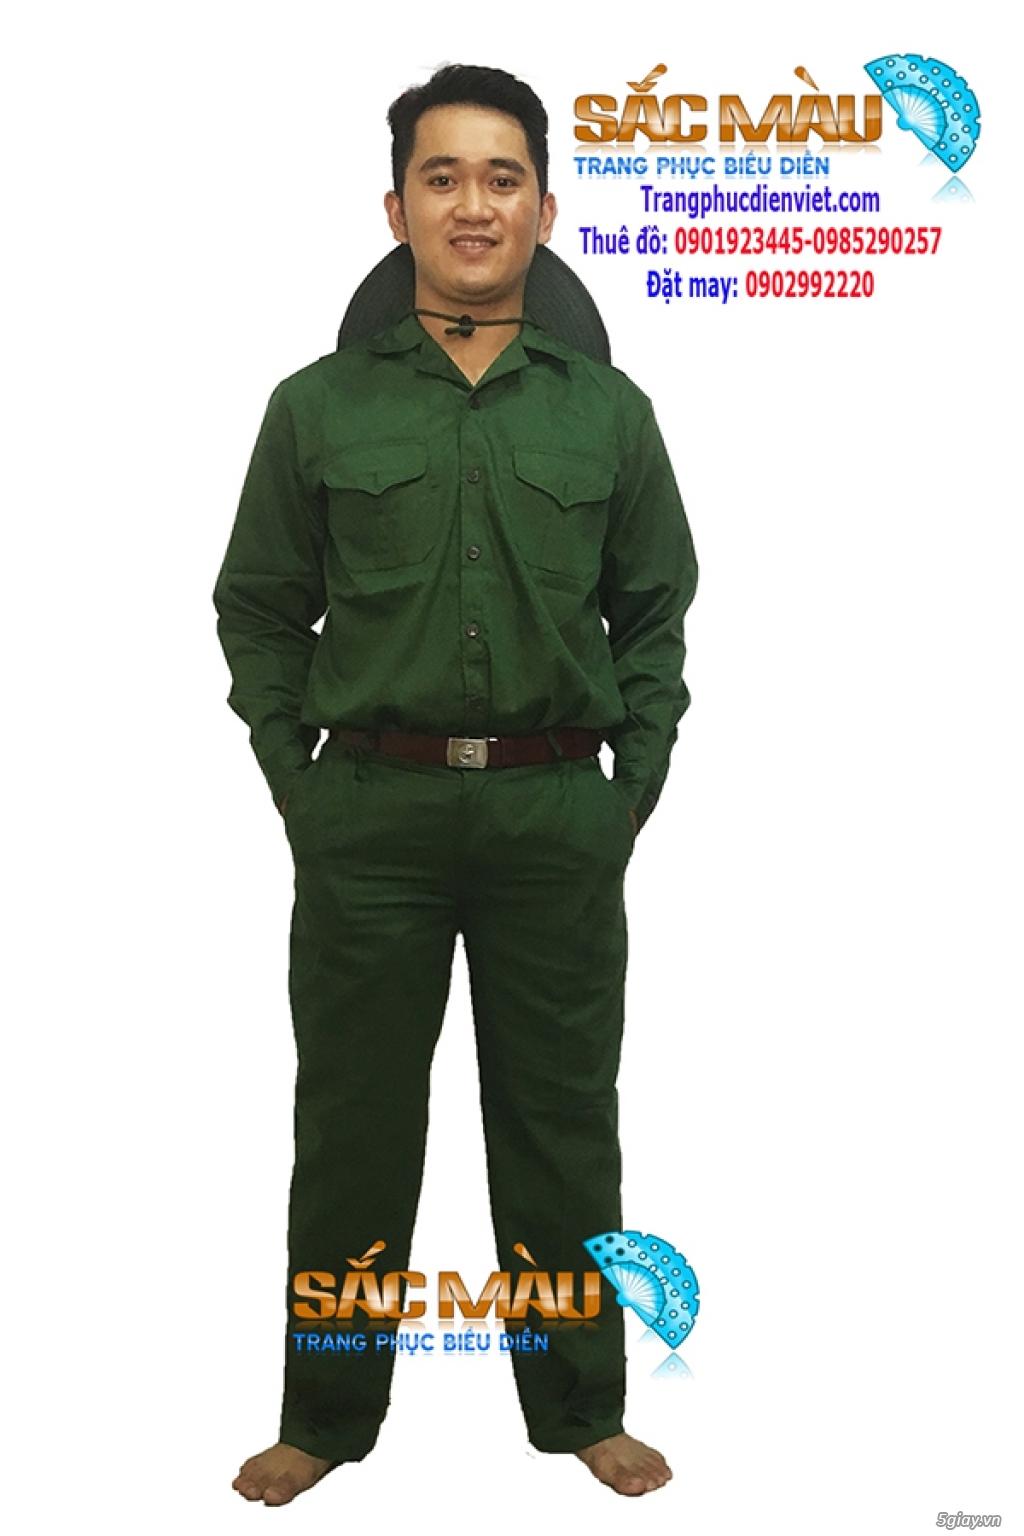 Cho thuê trang phục lính bộ đội, lính rằn ri giá rẻ quận 12, tphcm - 1